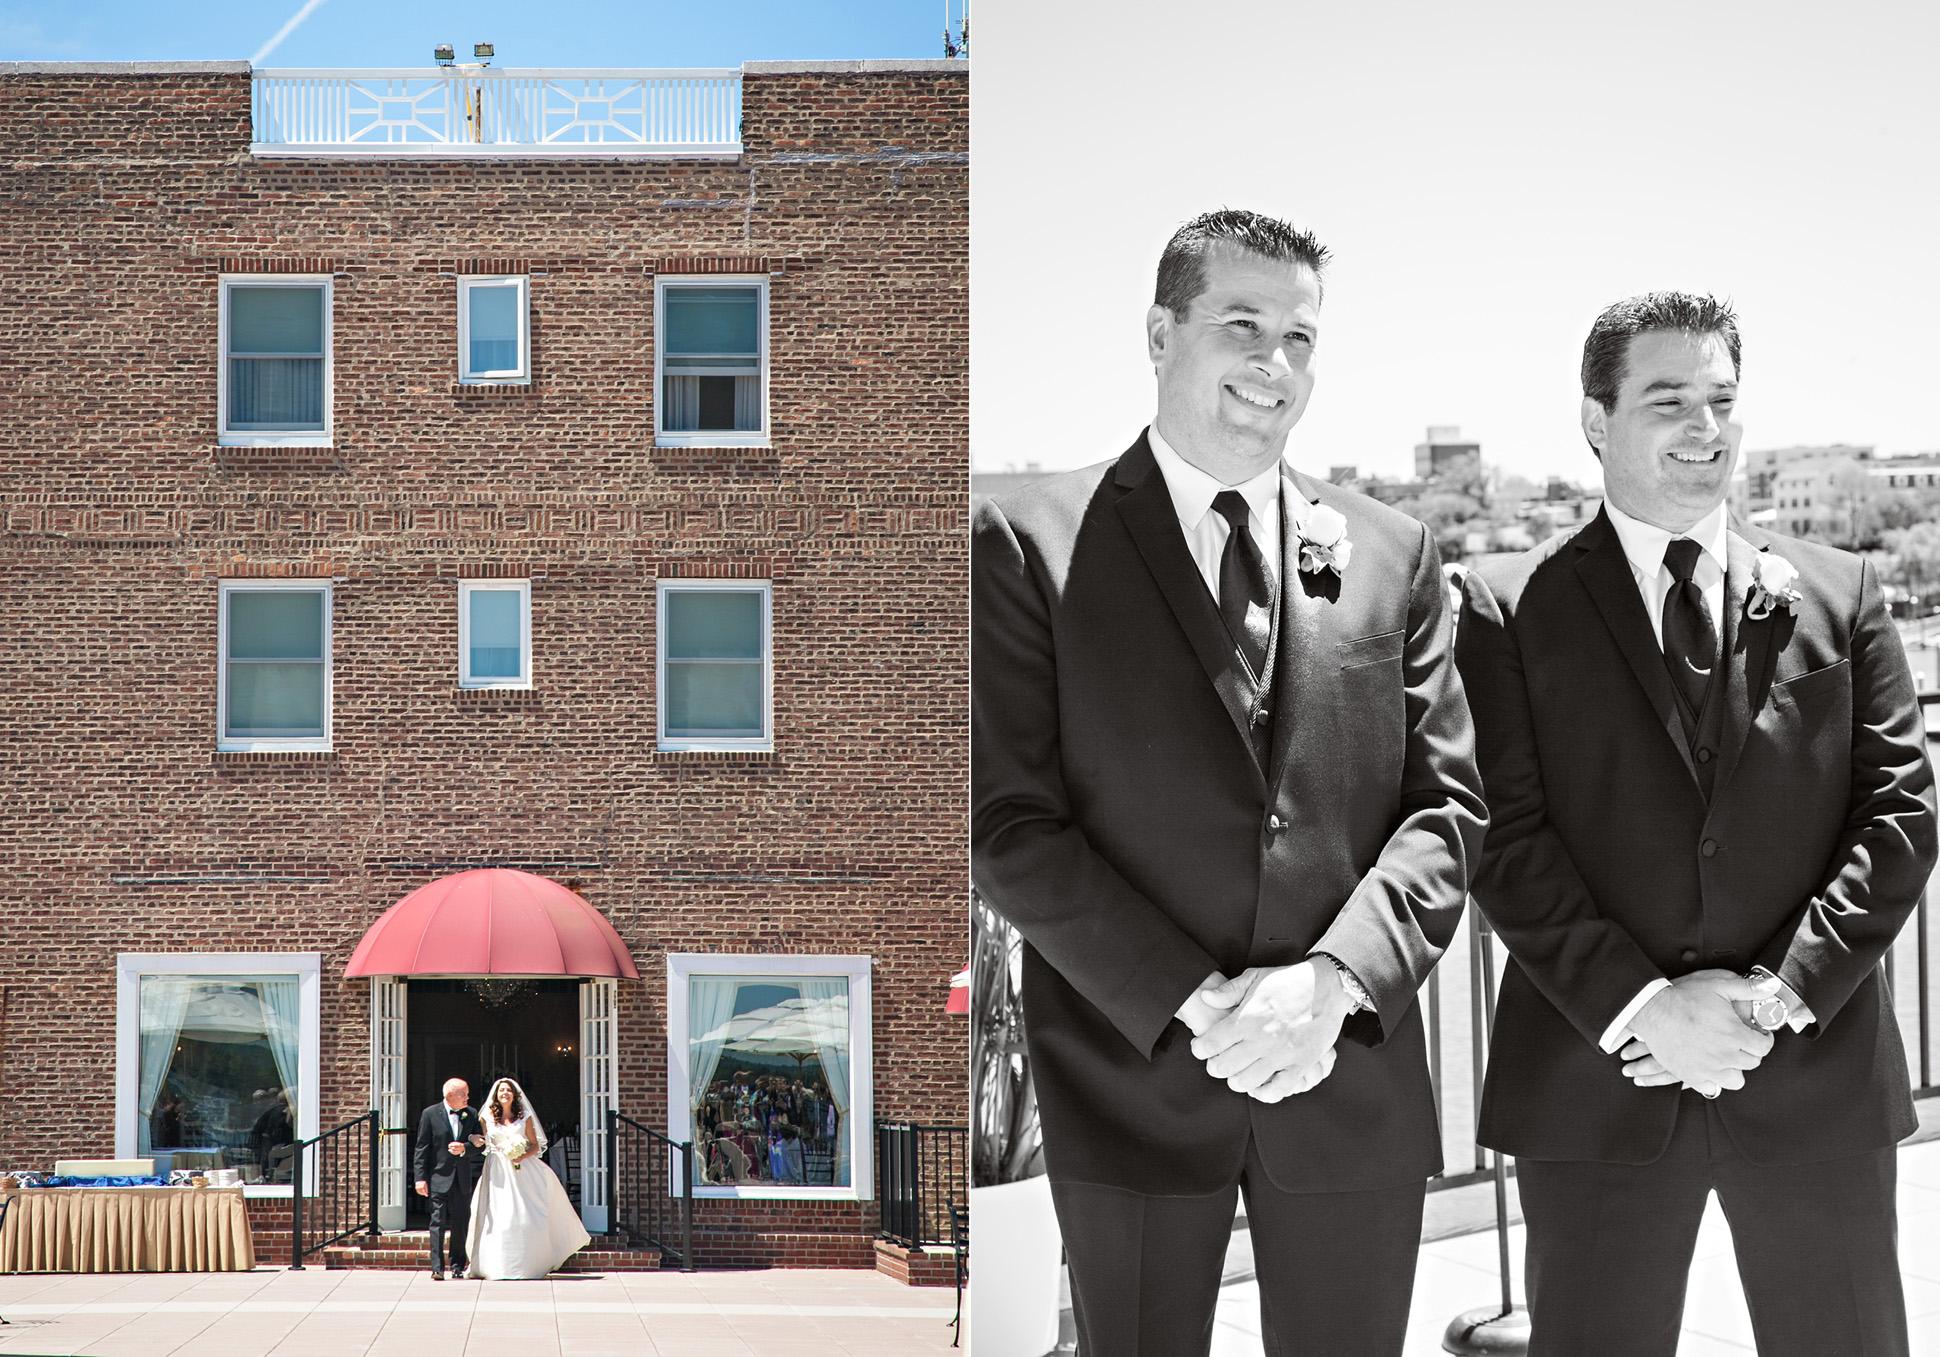 33-Sara Stadtmiller-SRS-Photography-Asbury-Park-Wedding-Photographer-Monmouth-County-Wedding-Photographer-NJ-Wedding-Photographer-Molly-Pitcher-Inn-Wedding